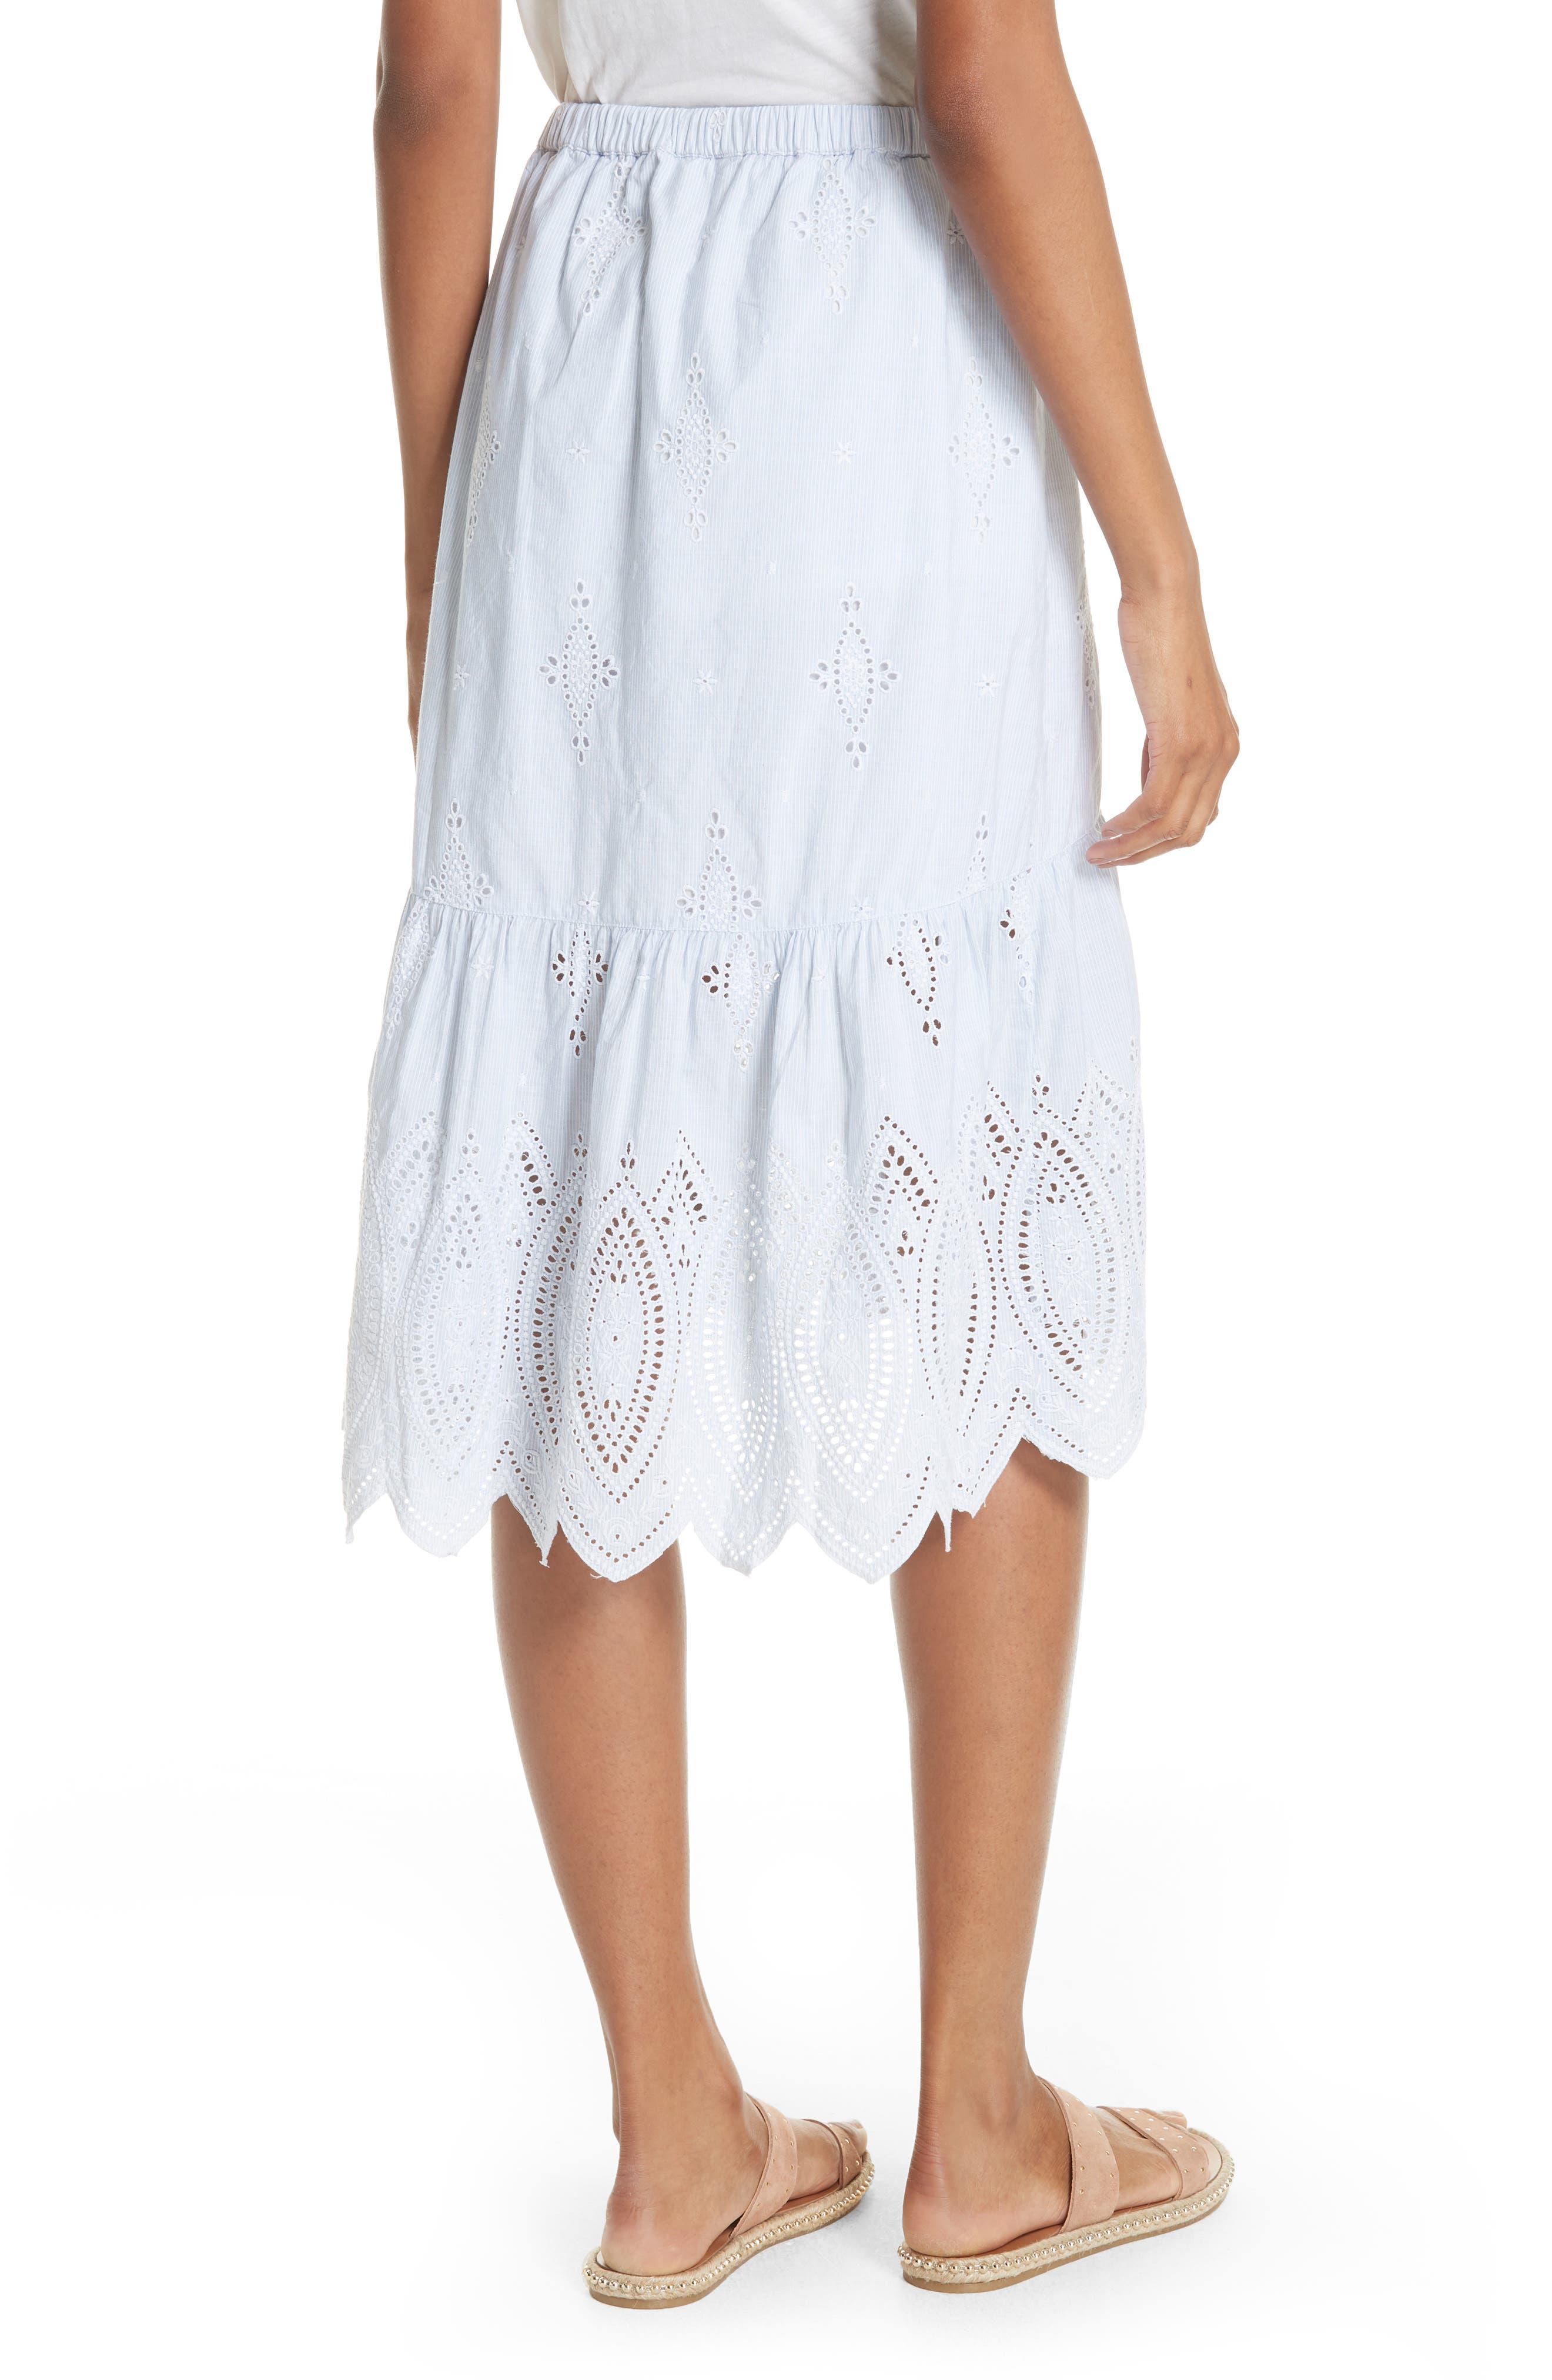 Chantoya Eyelet Scallop Hem Cotton Skirt,                             Alternate thumbnail 2, color,                             100